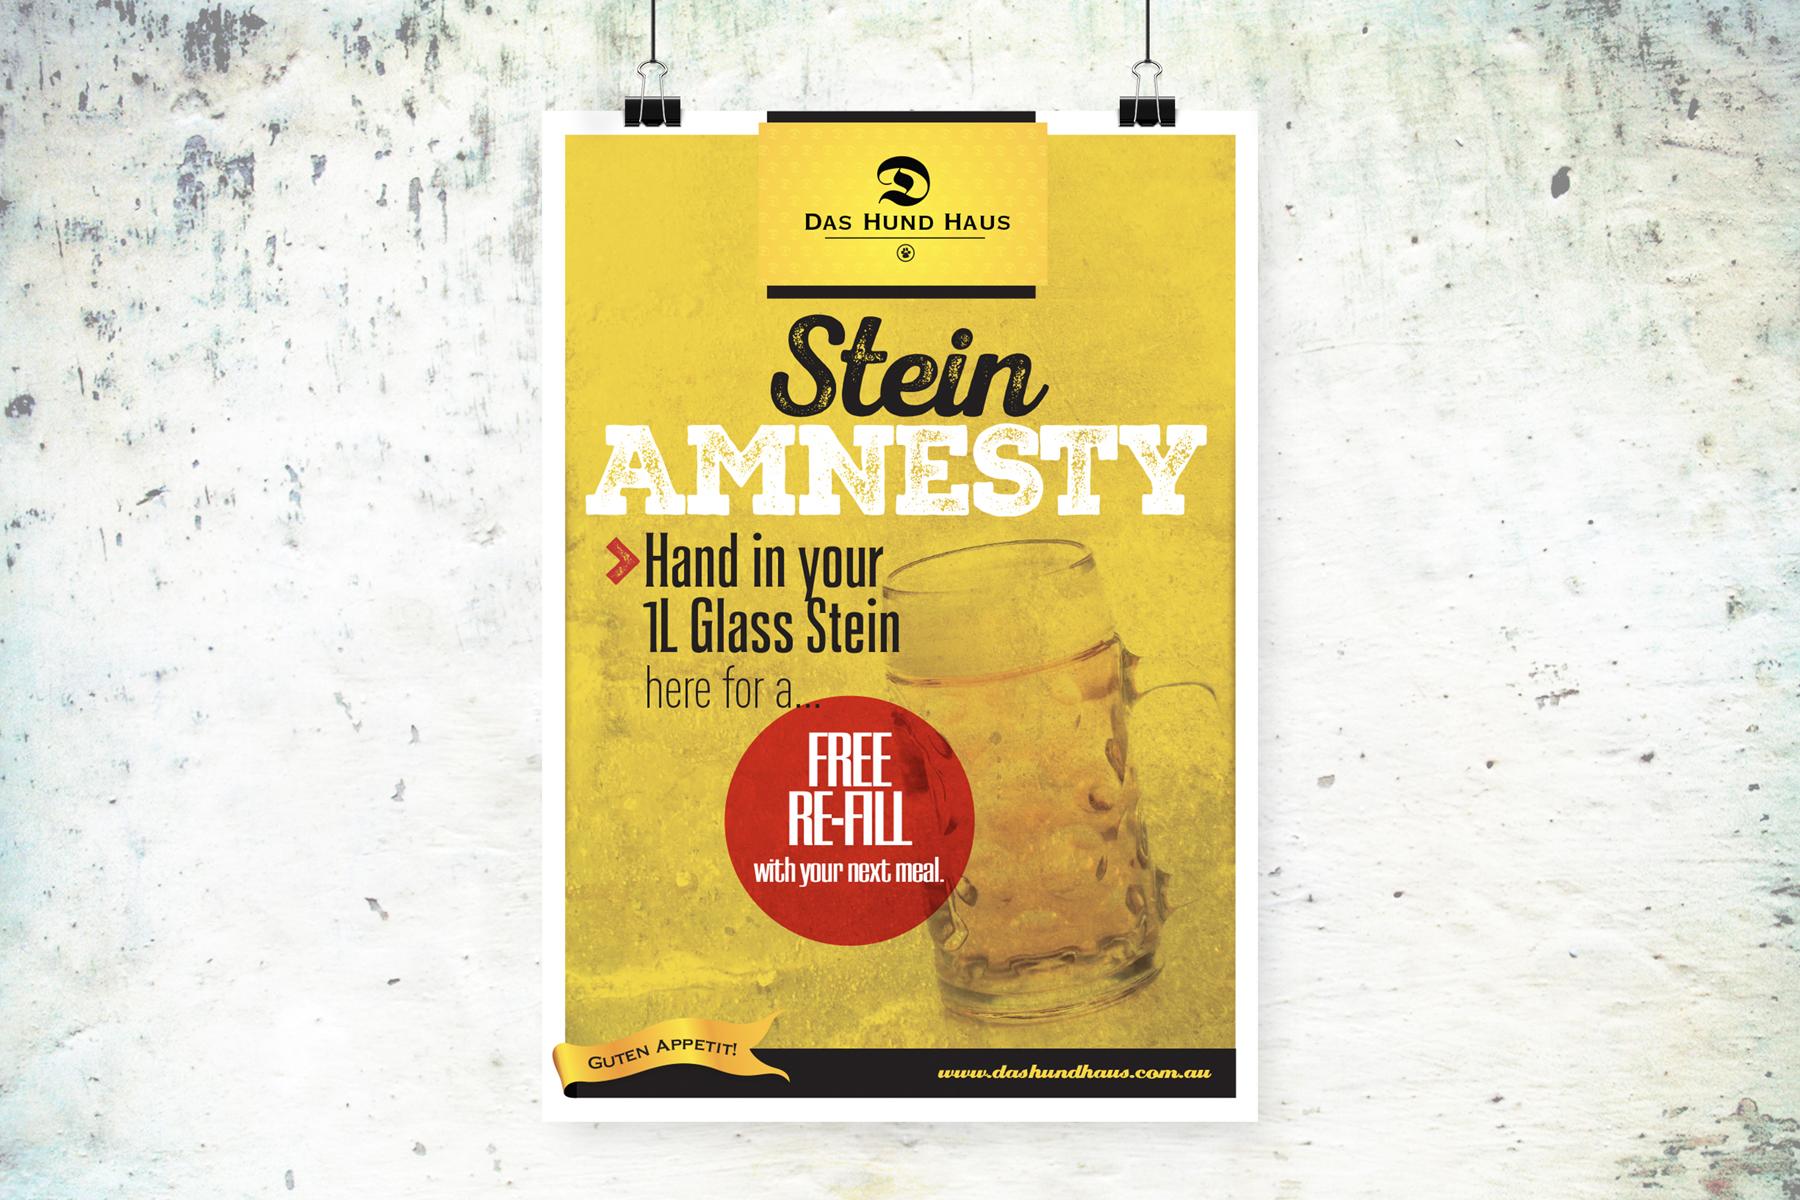 Das Hund Haus Stein Amnesty A2 Poster